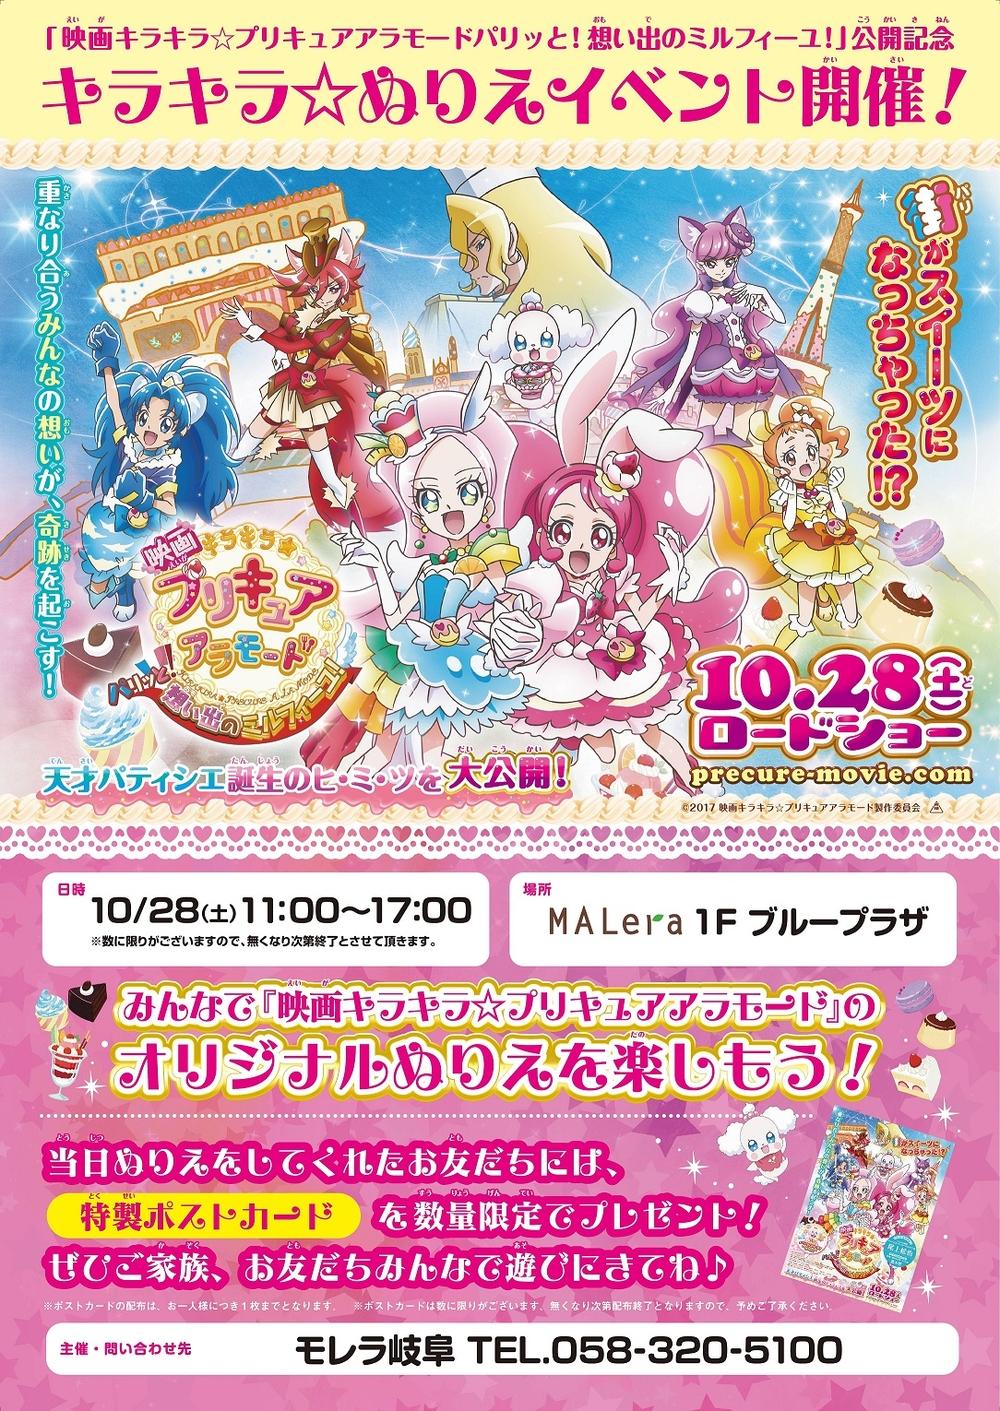 「映画キラキラ☆プリキュアアラモード パリッと!想い出のミルフィーユ」公開記念 キラキラ☆ぬりえイベント開催!